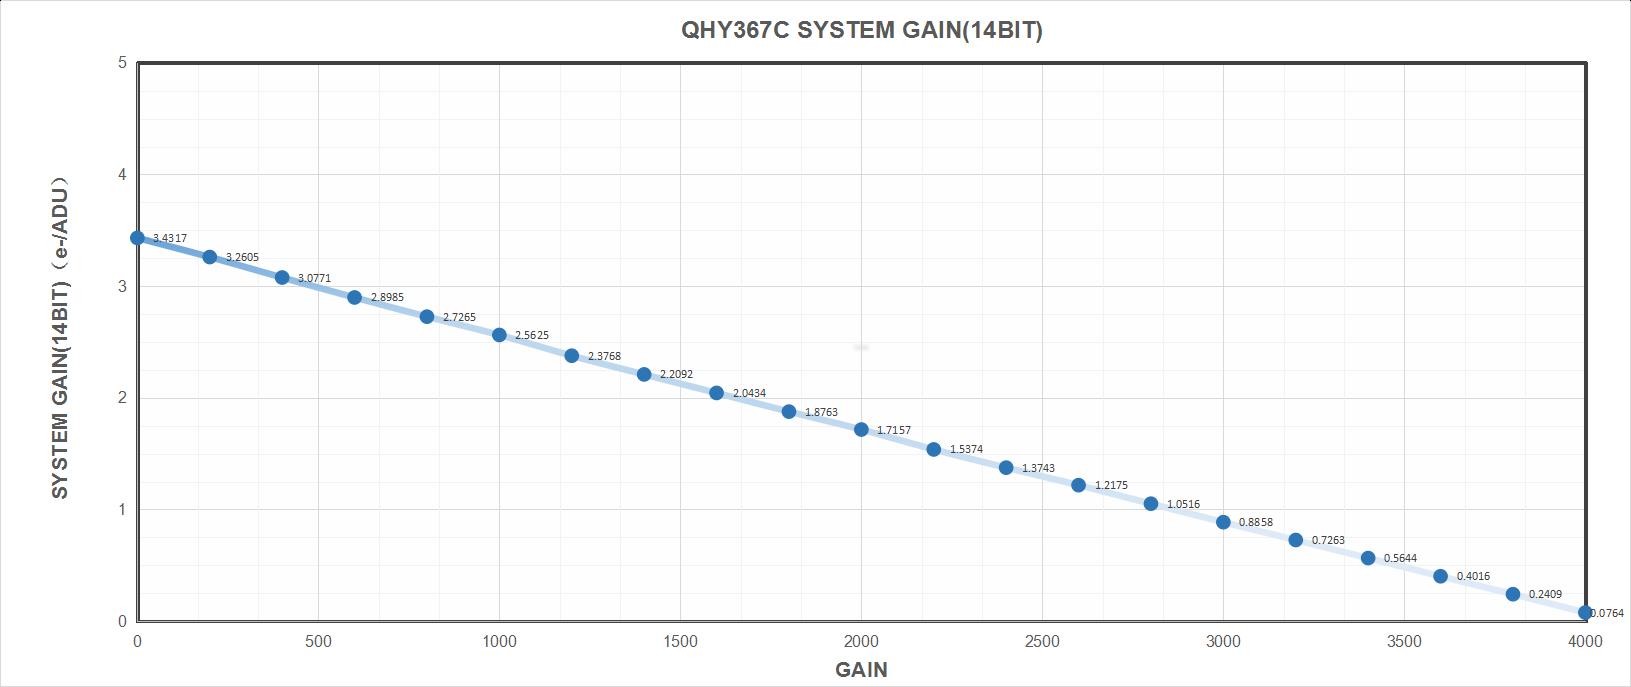 QH 367 PRO-C System Gain